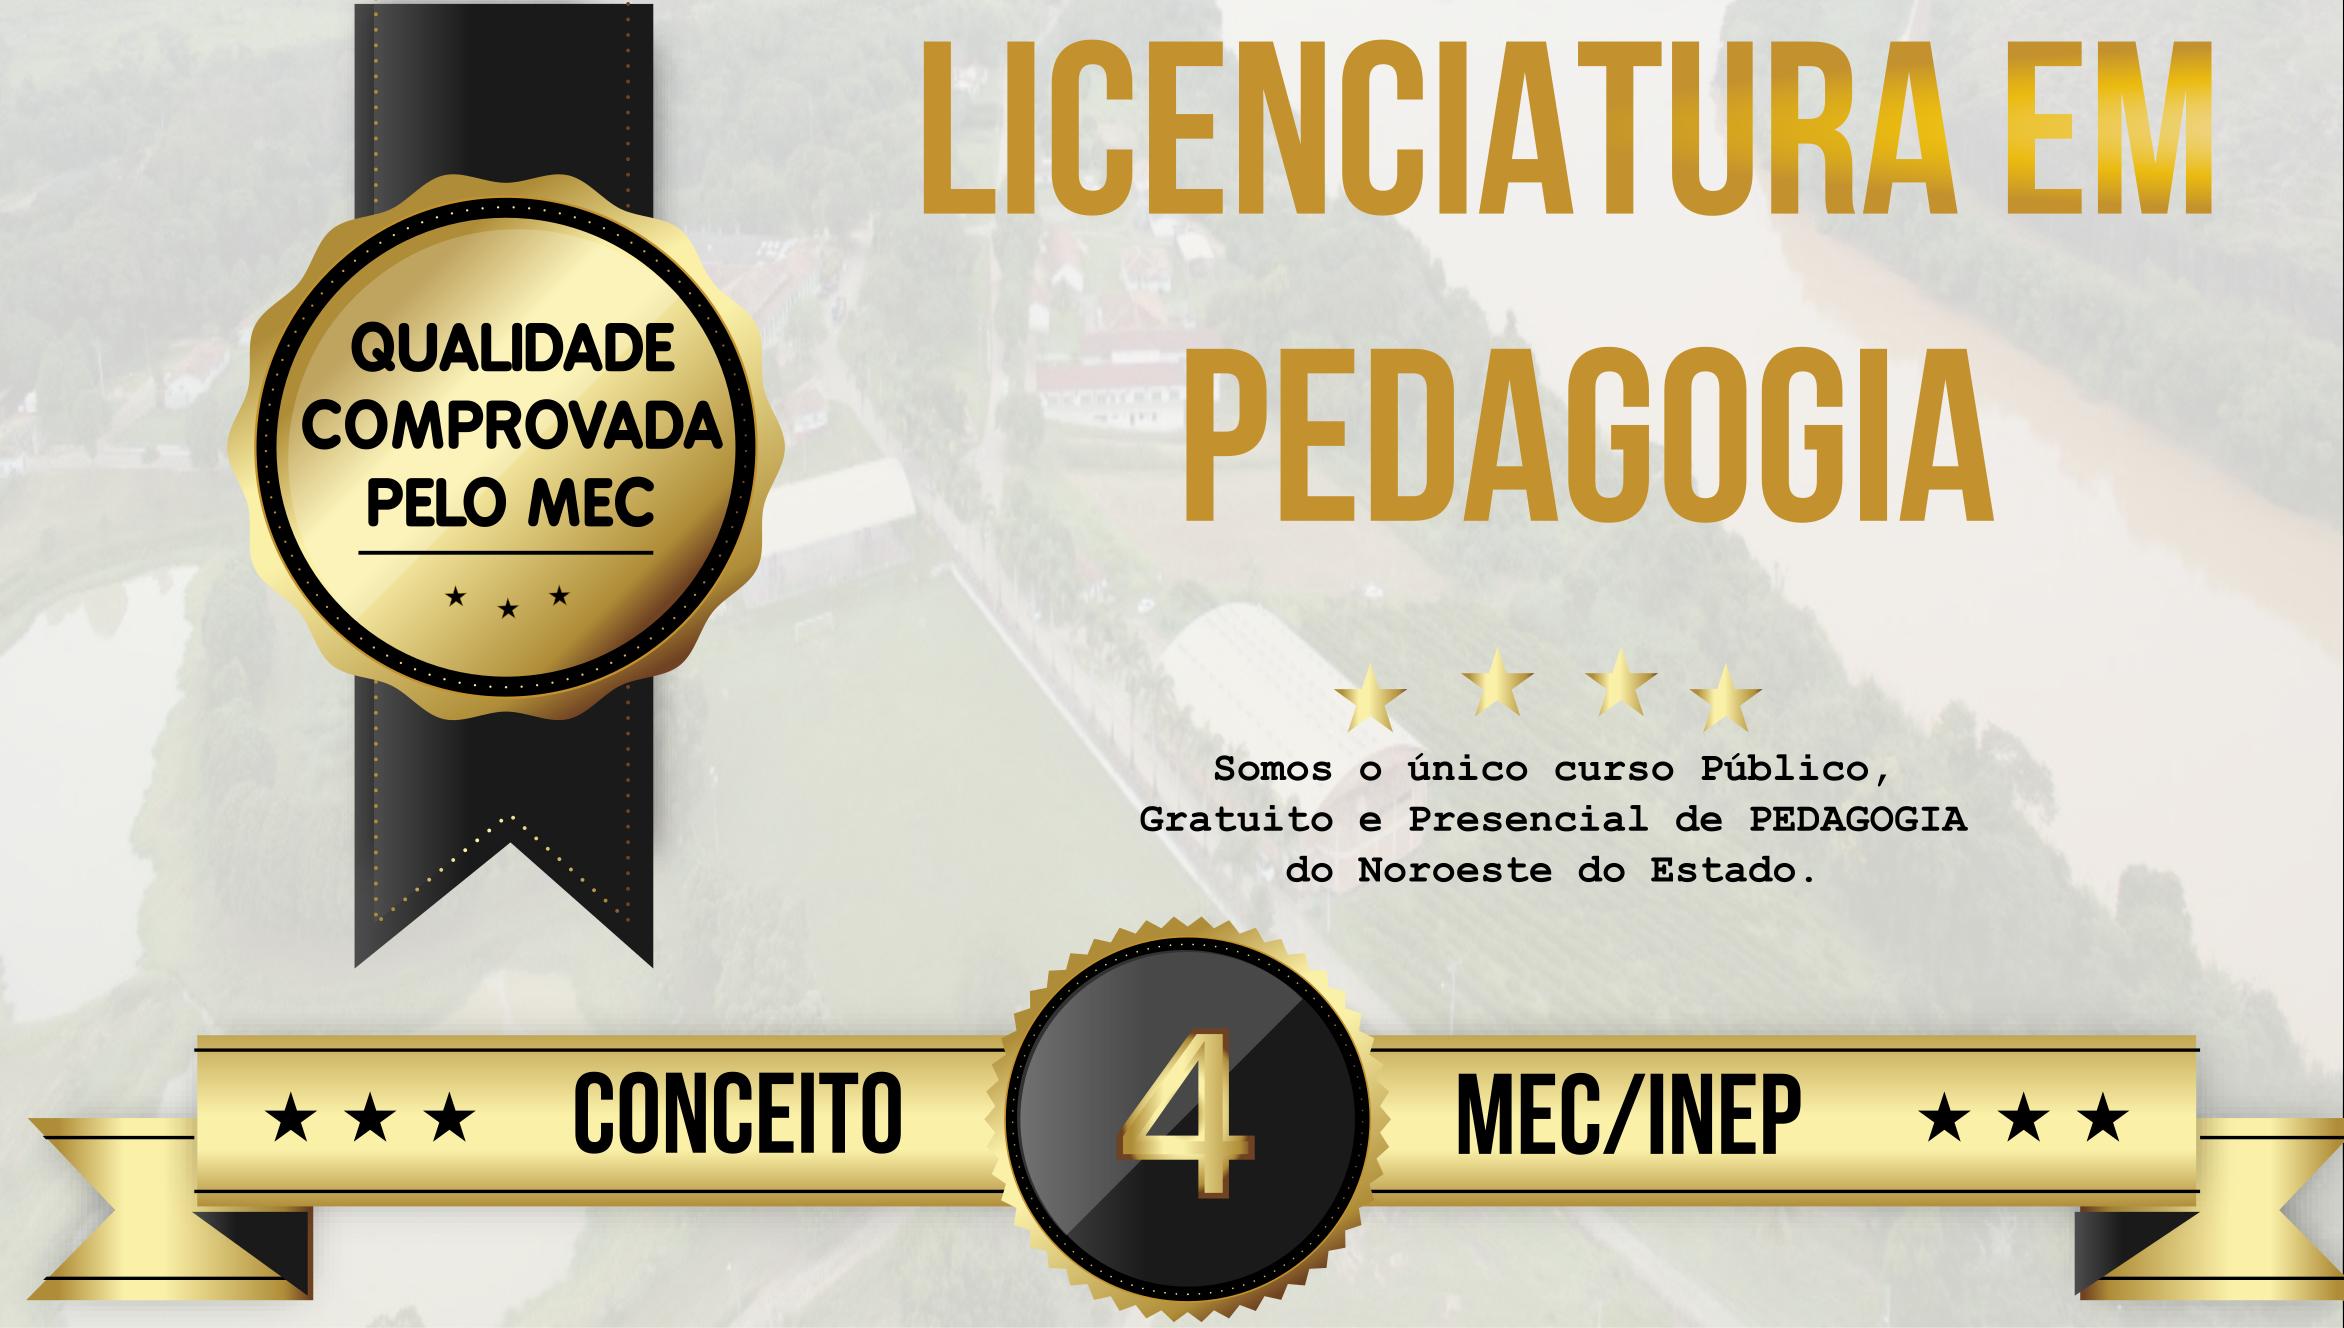 Curso de Licenciatura em Pedagogia é avaliado com nota 4 pelo MEC